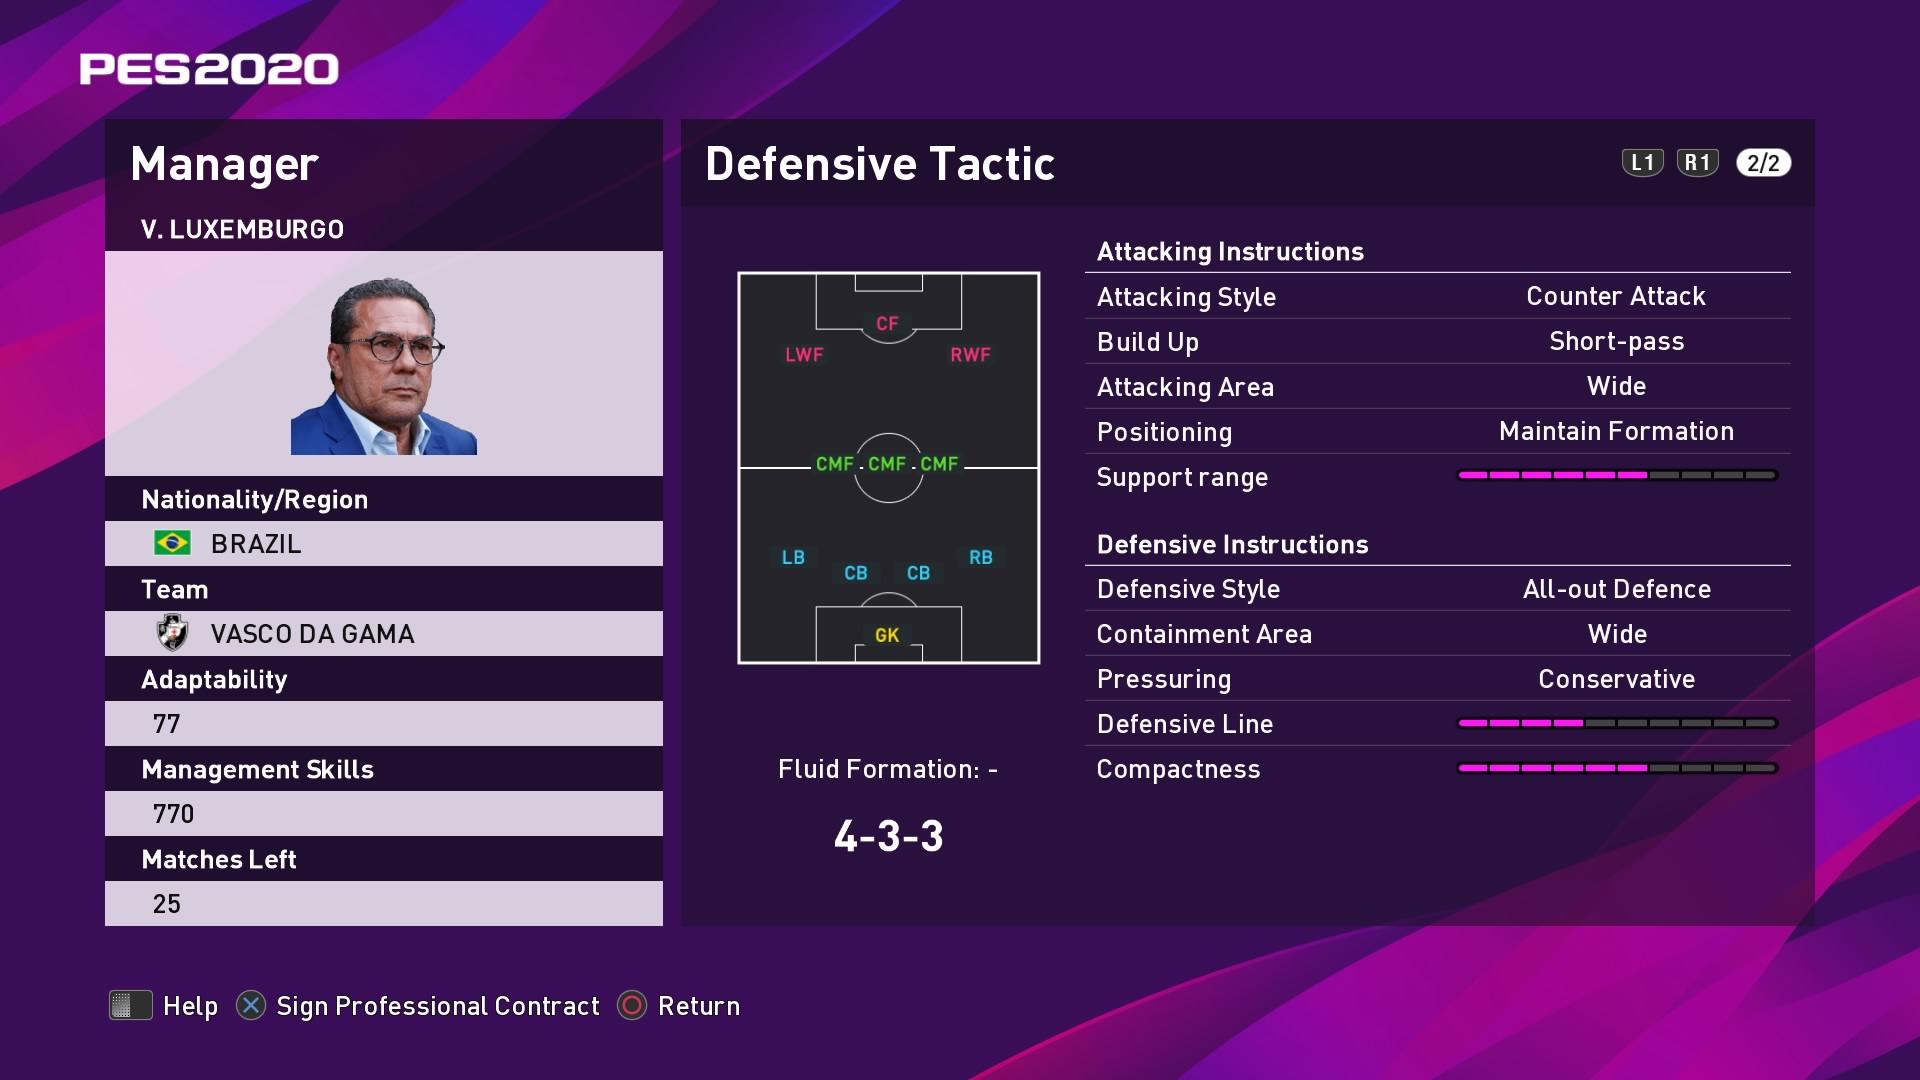 V. Luxemburgo (Vanderlei Luxemburgo) Defensive Tactic in PES 2020 myClub